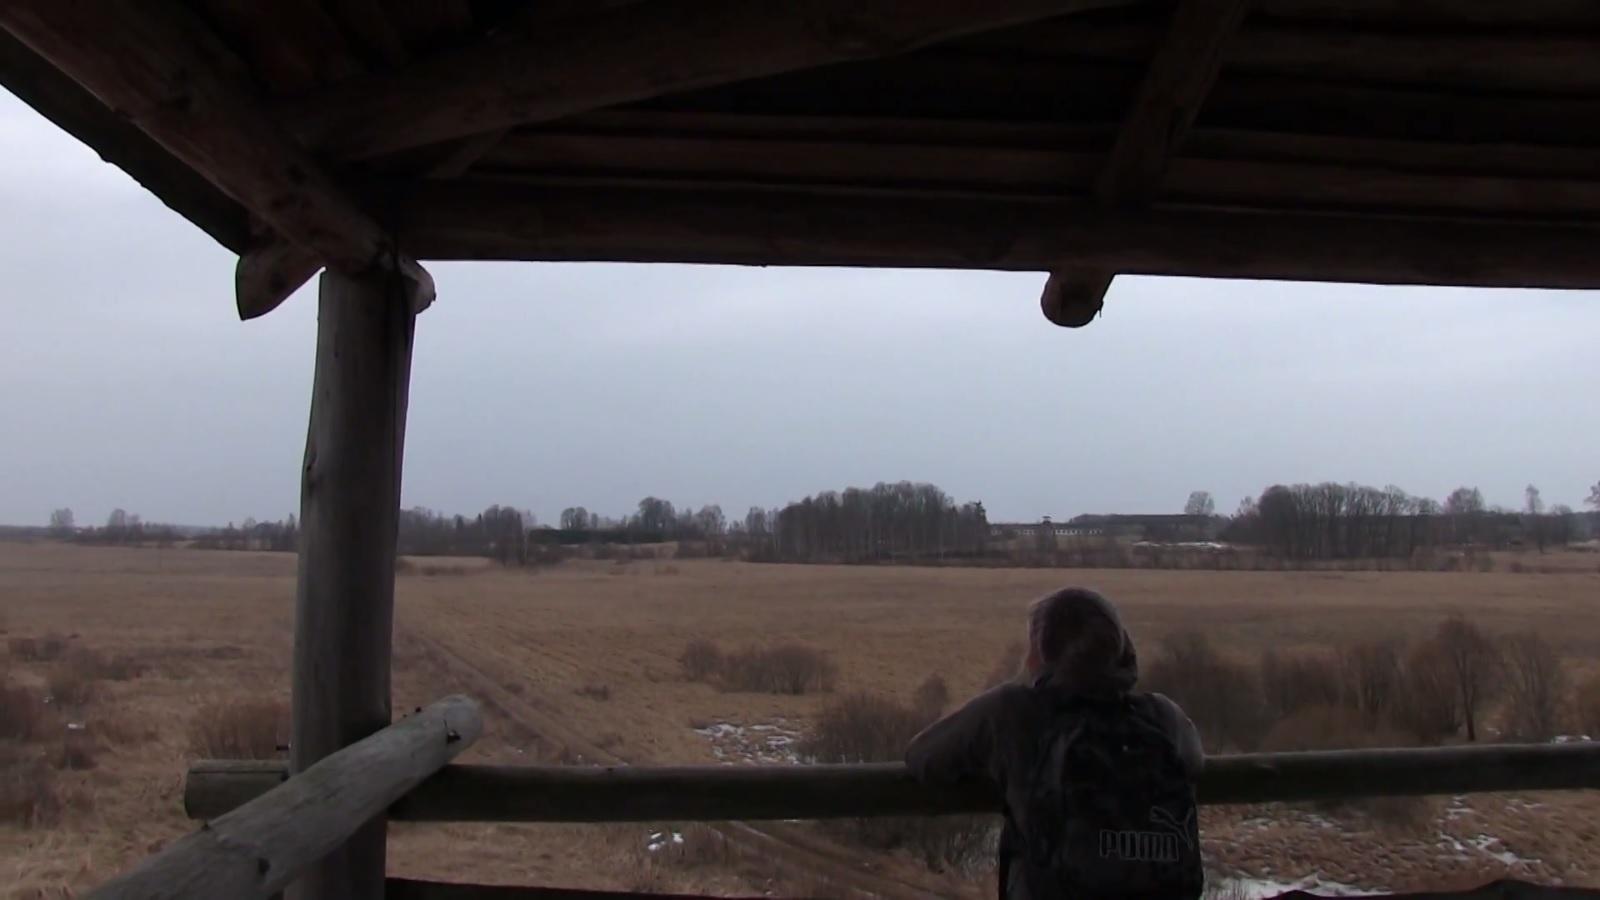 Aardla poldri linnuvaatlustornis